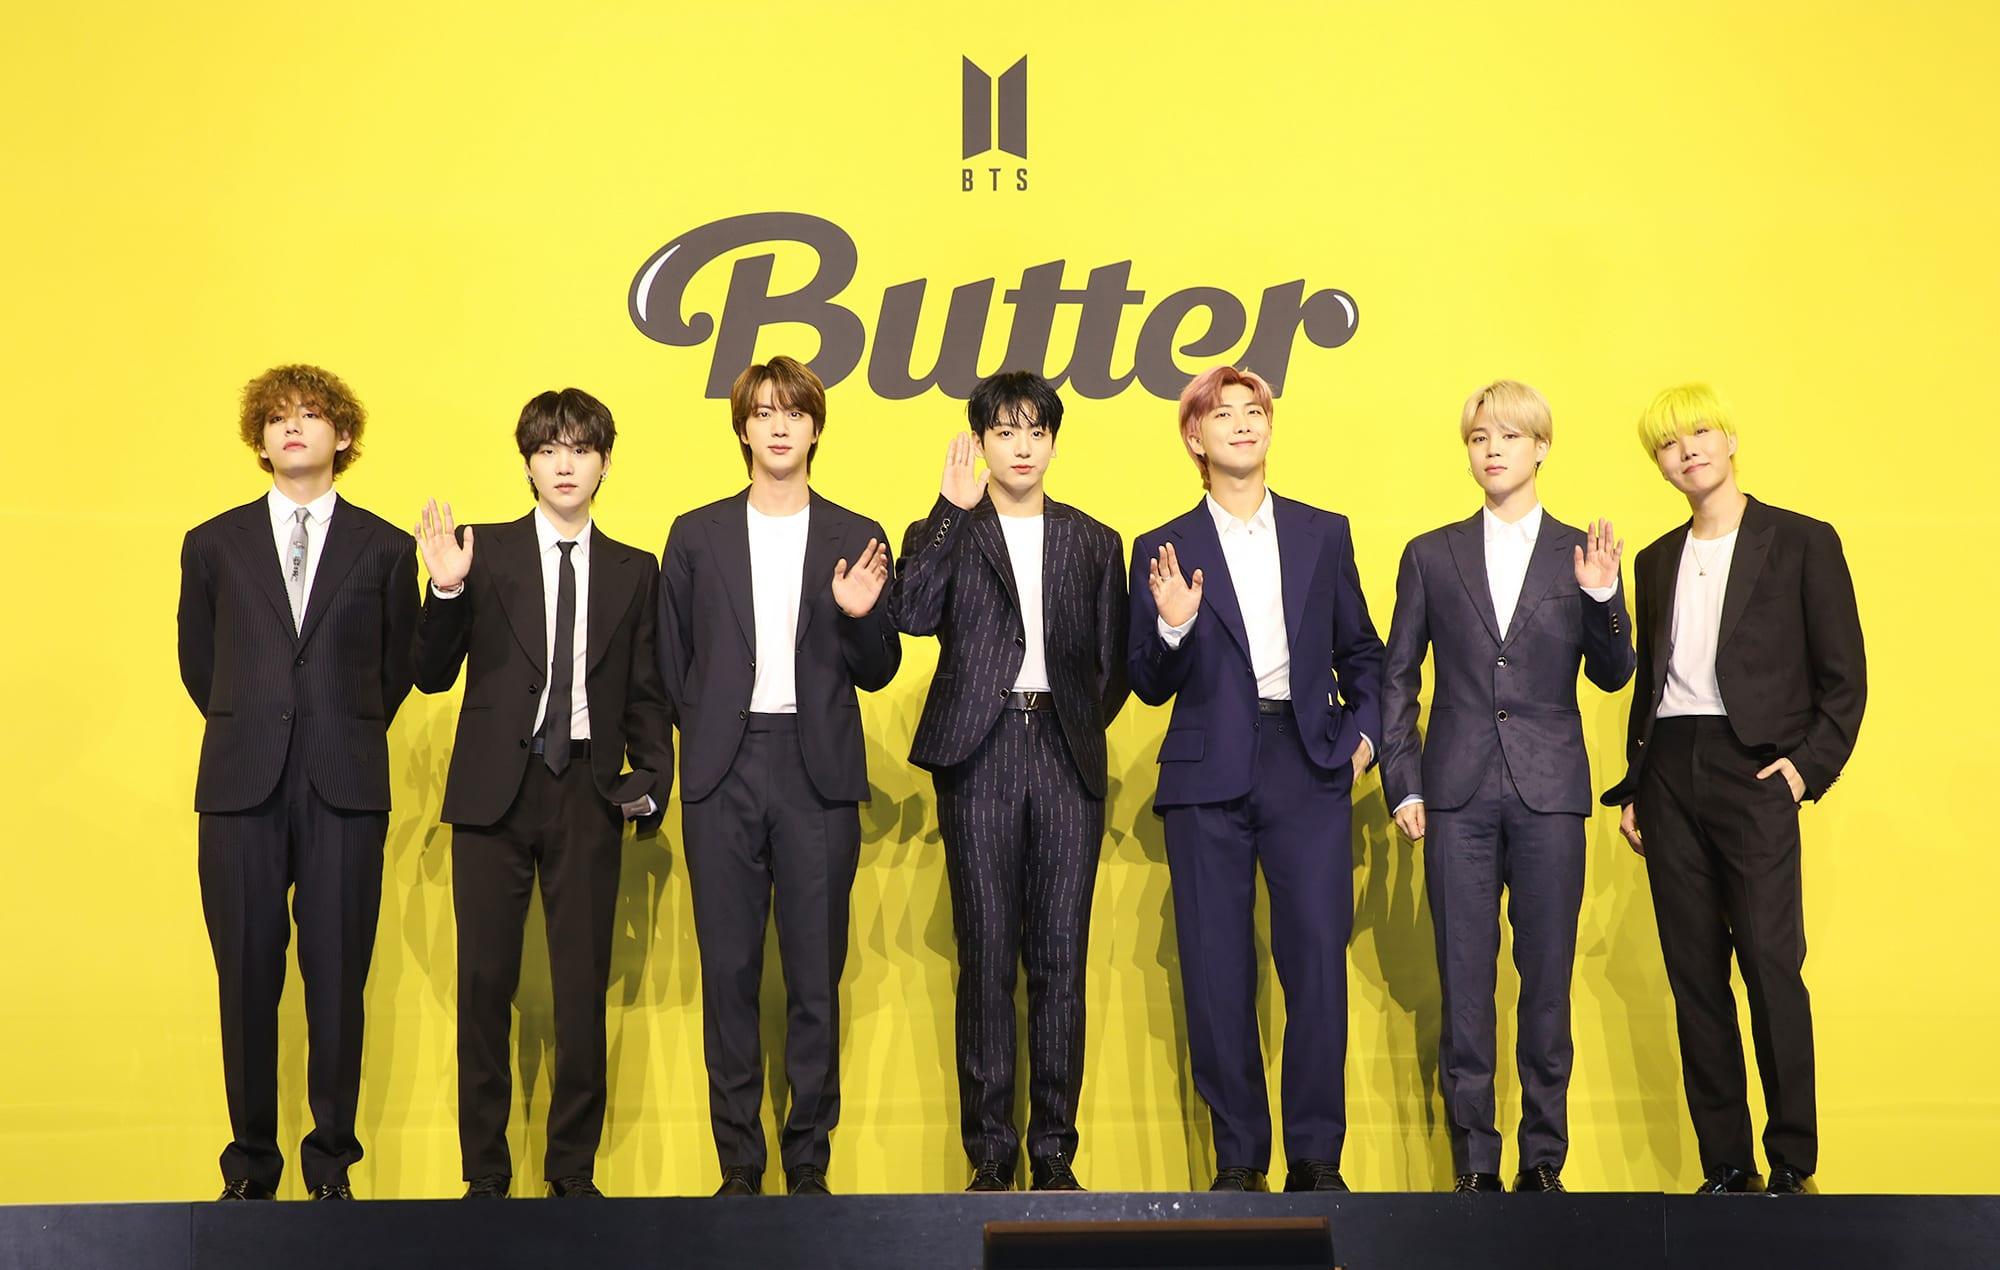 Butter bTS updates